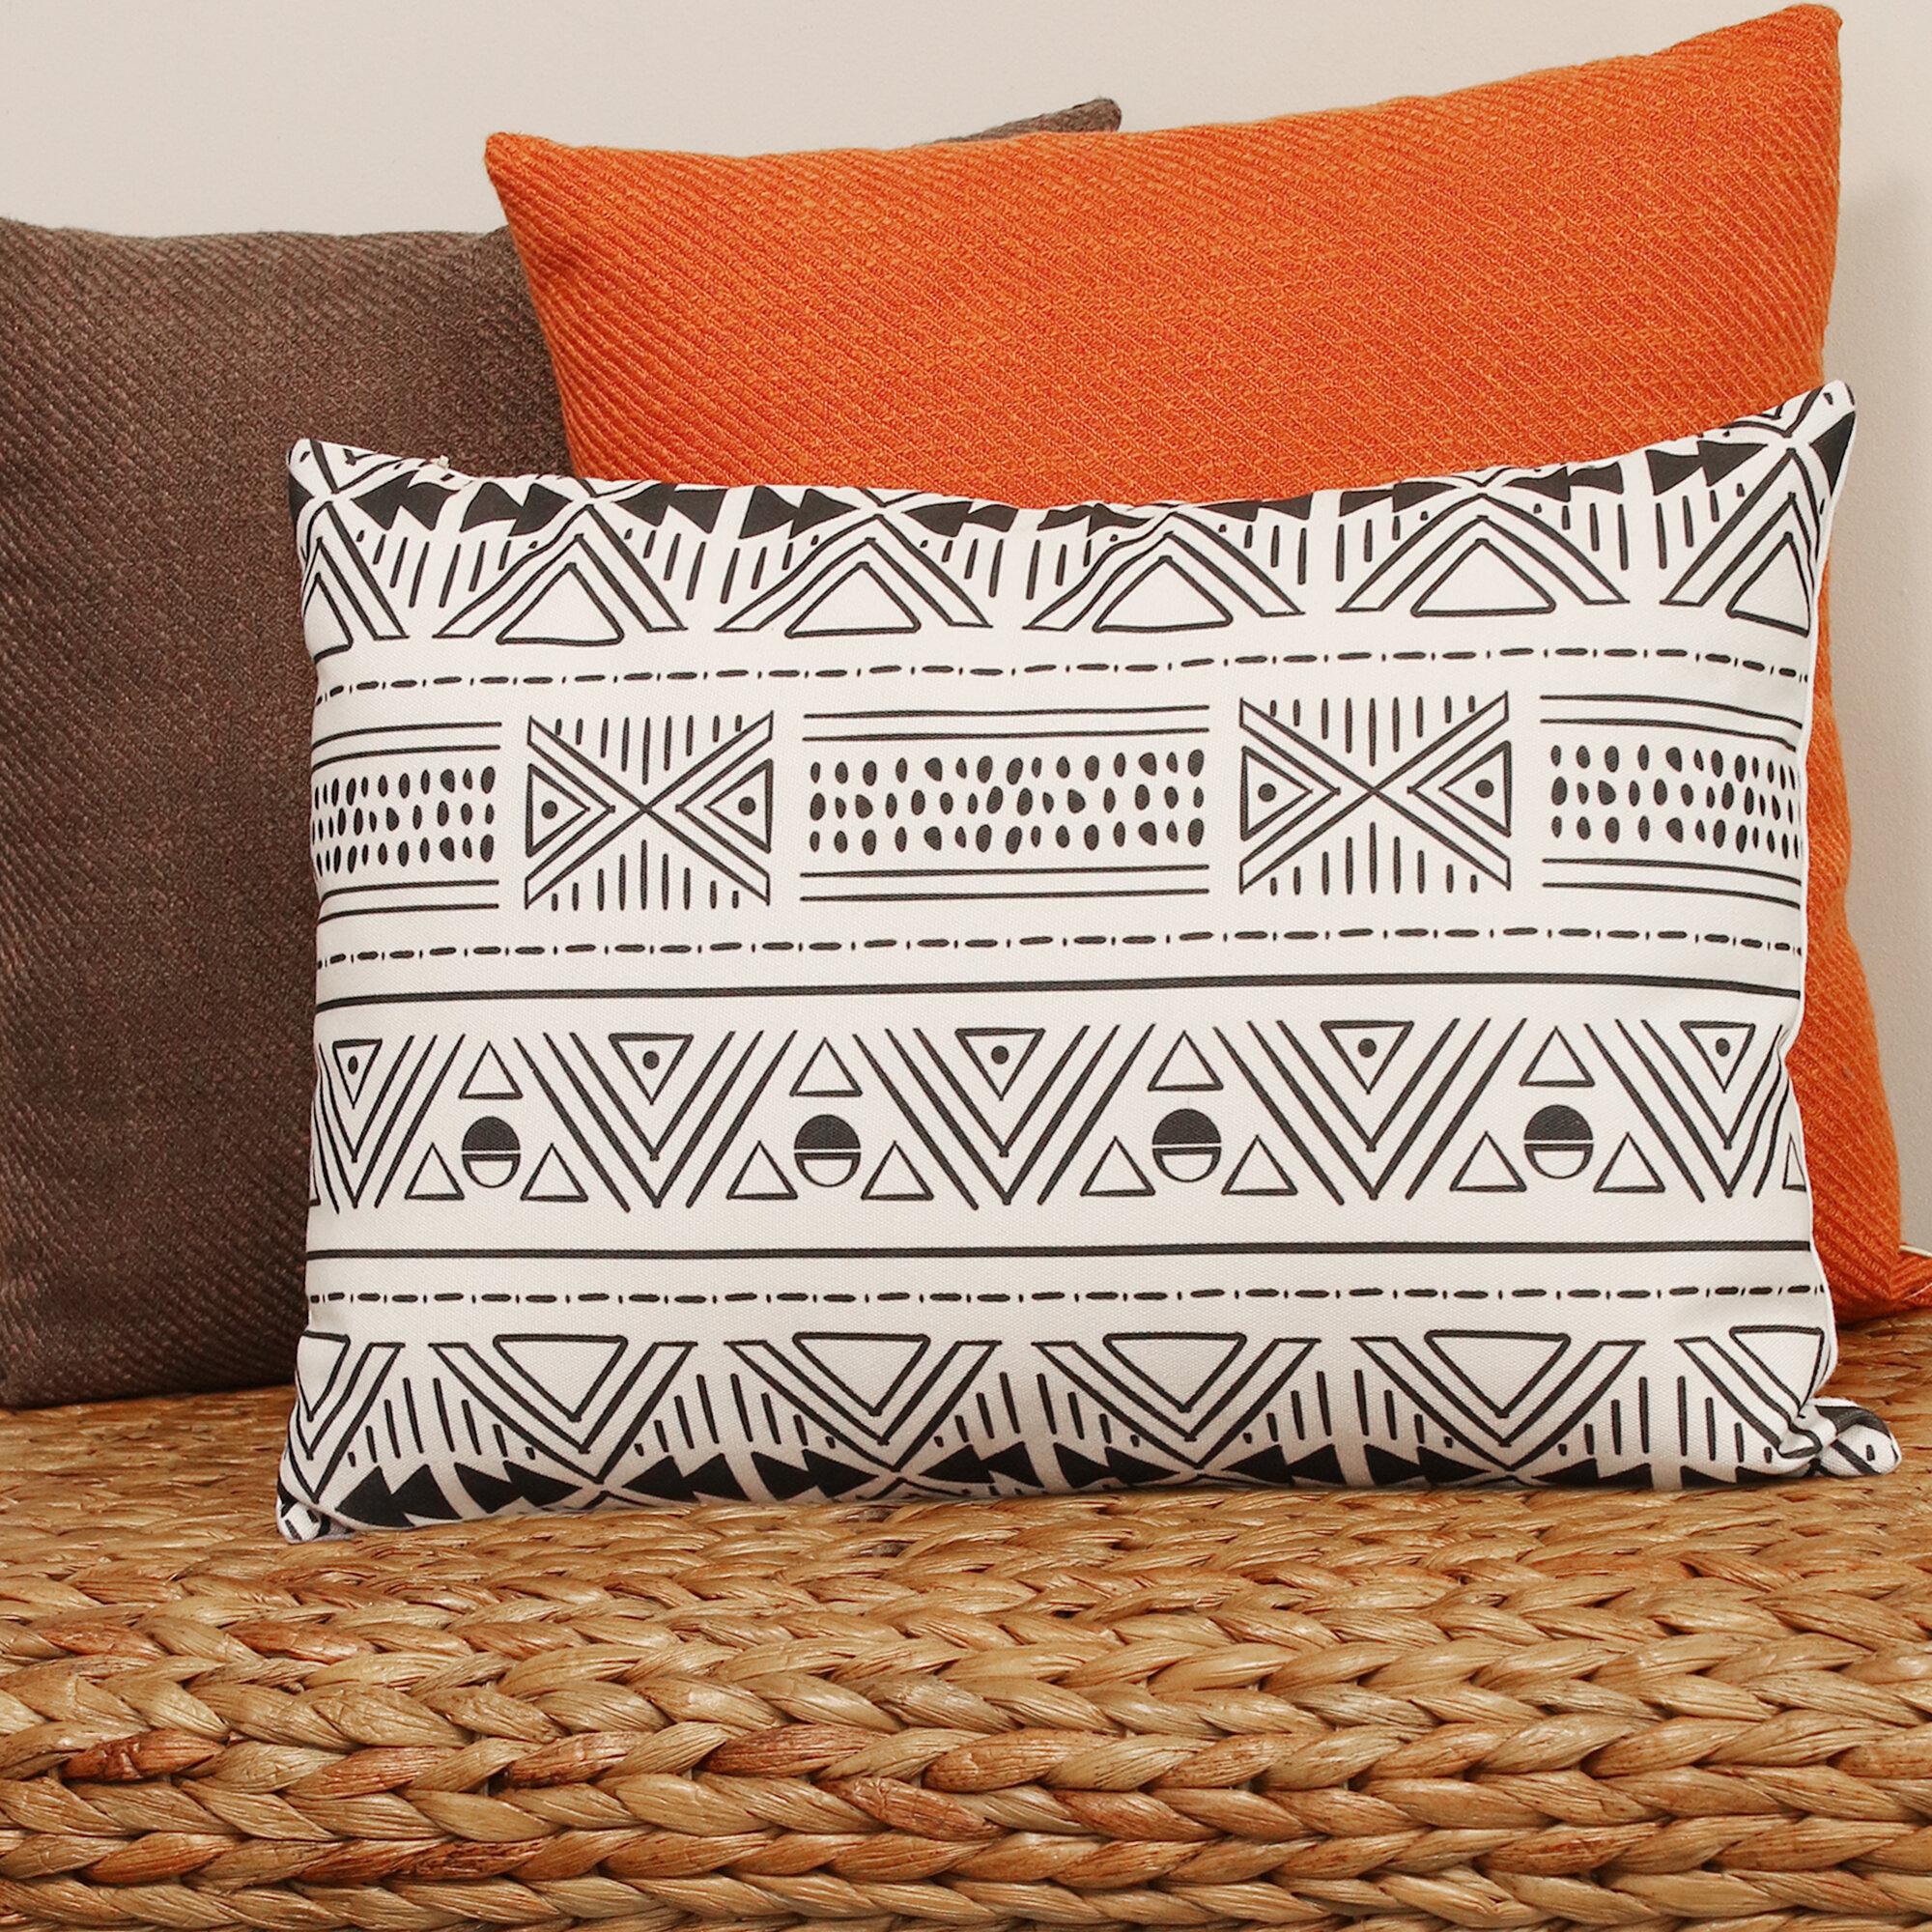 Striped Throw Pillows You Ll Love In 2021 Wayfair